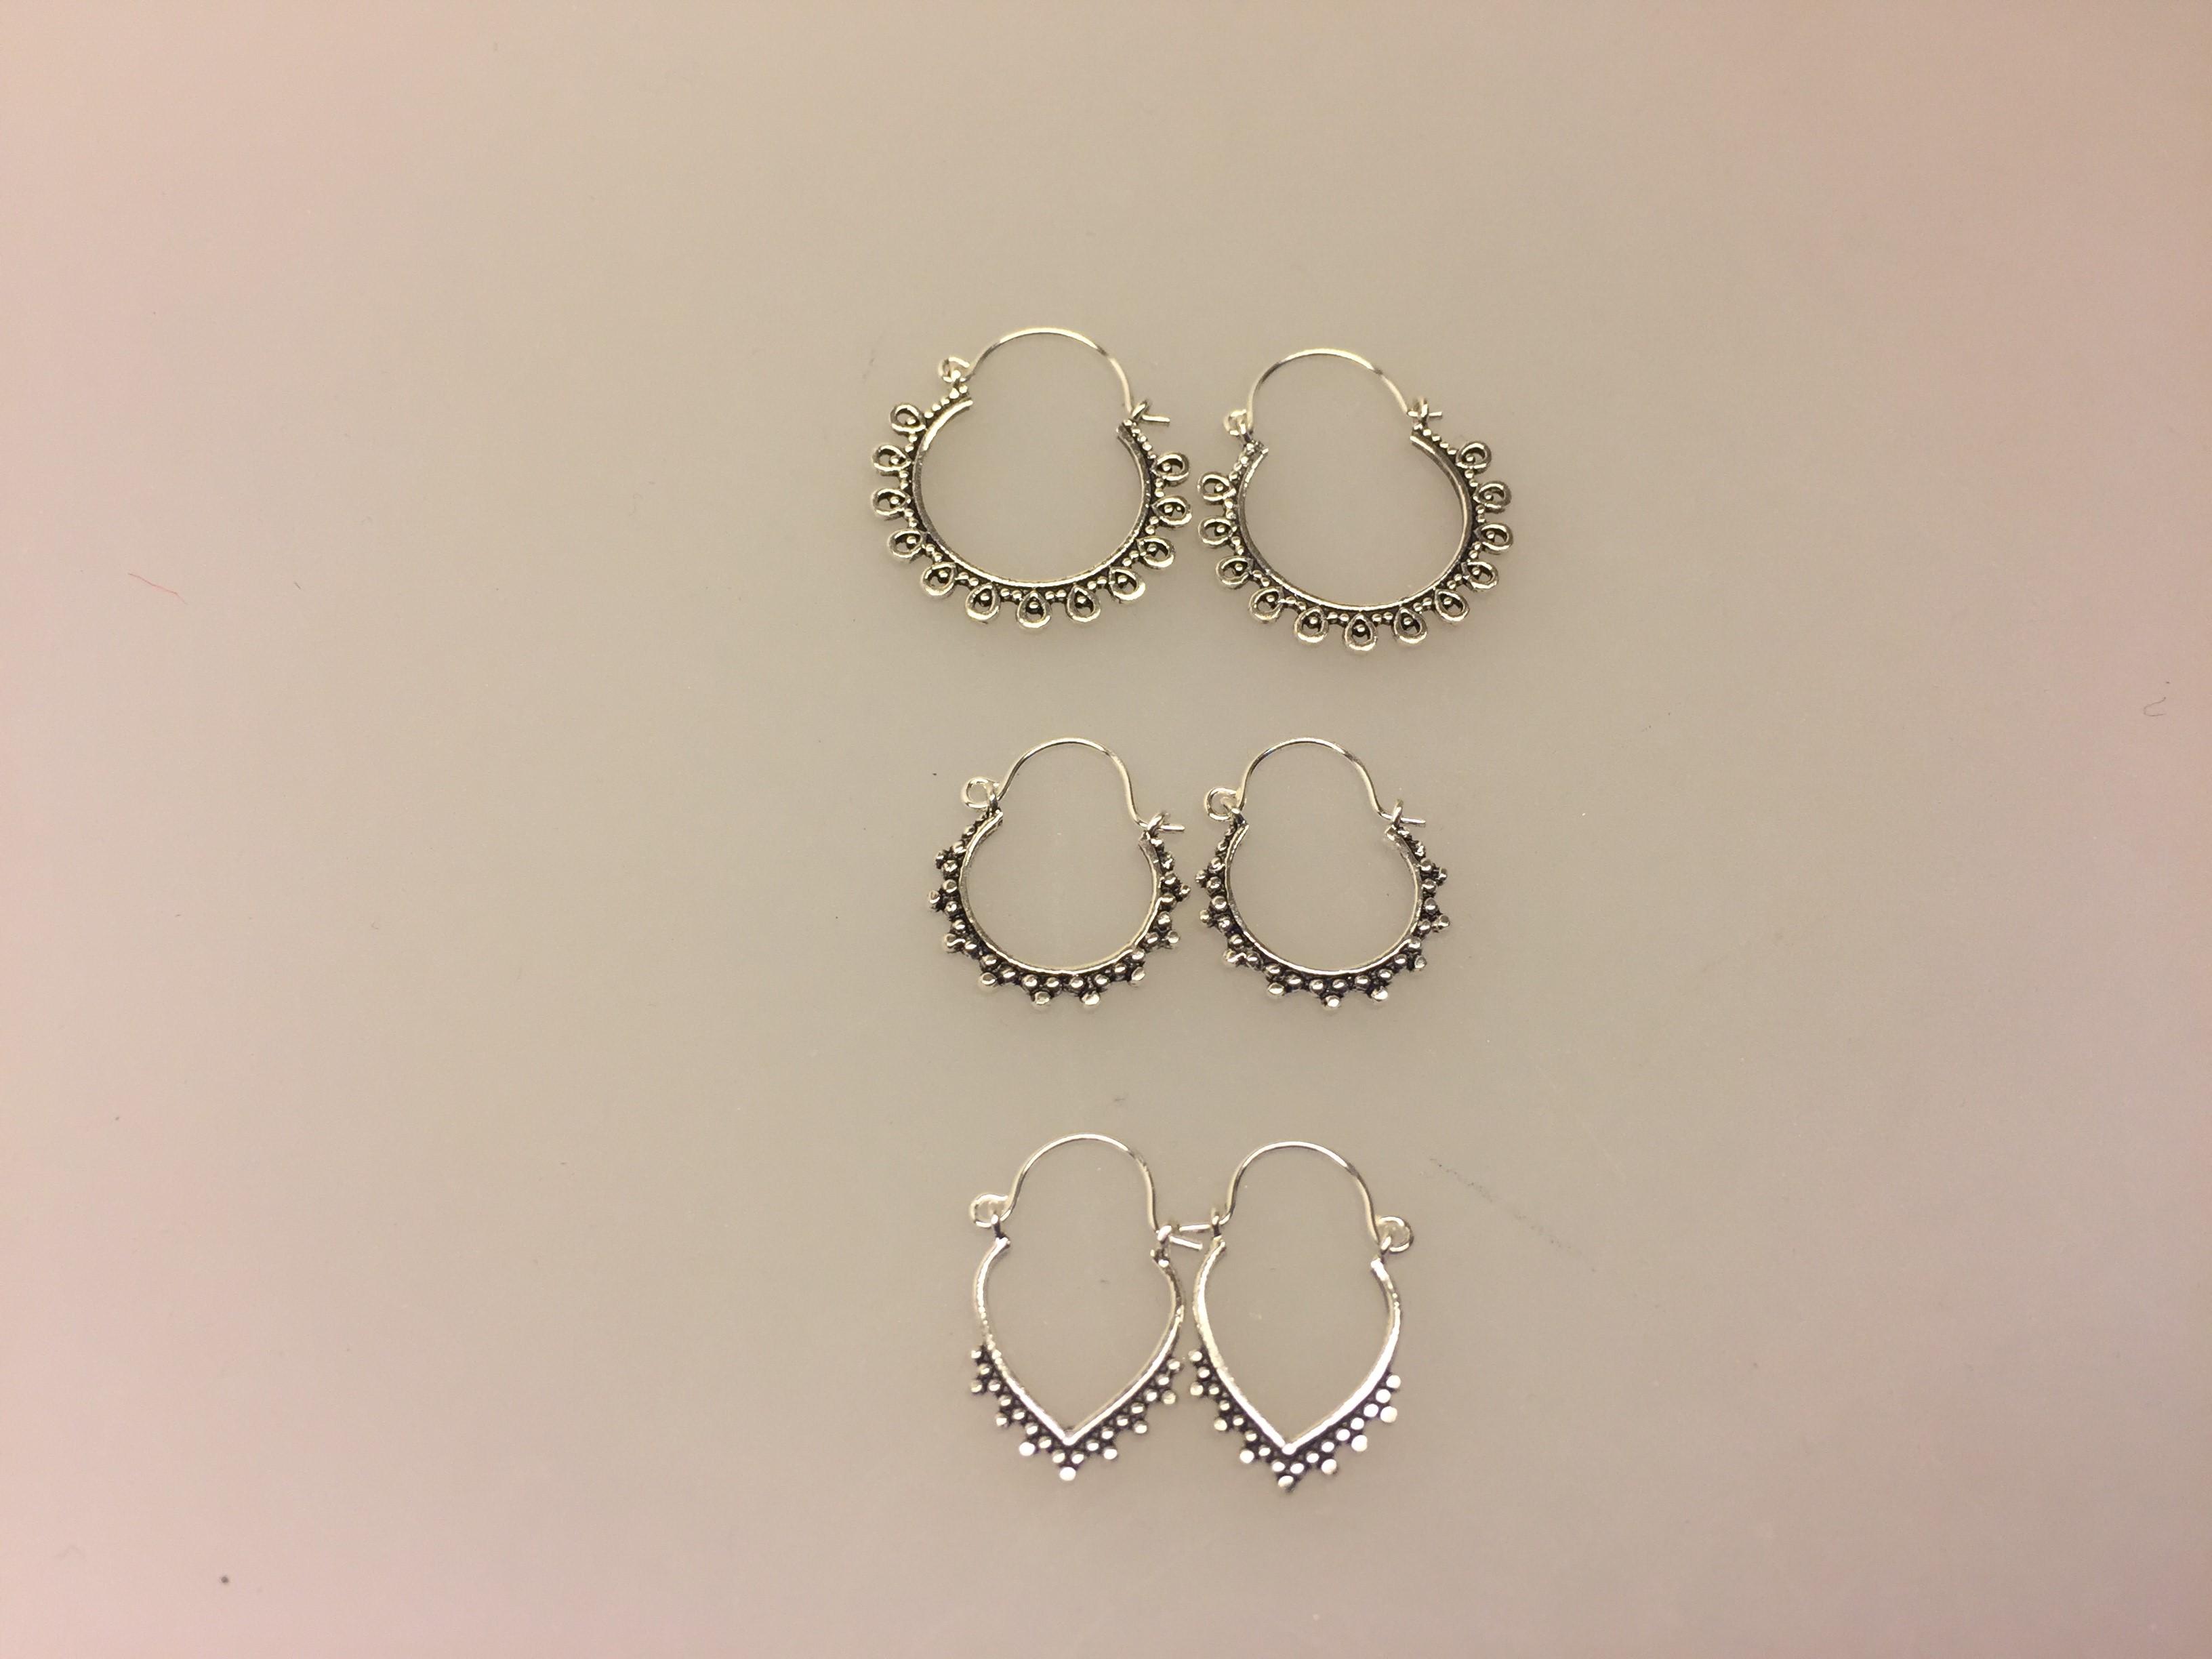 Ø 17 mm Creol øreringe sølv - bøjle med fint mønster, hoops, loops, runde, øreringe, ringe, ørenringe, bali, boho, hippie, stylish, cool, ægte, sølv, sterling sølv, billige, lave priser, kvalitet, små, specielle, mønster, maanesten